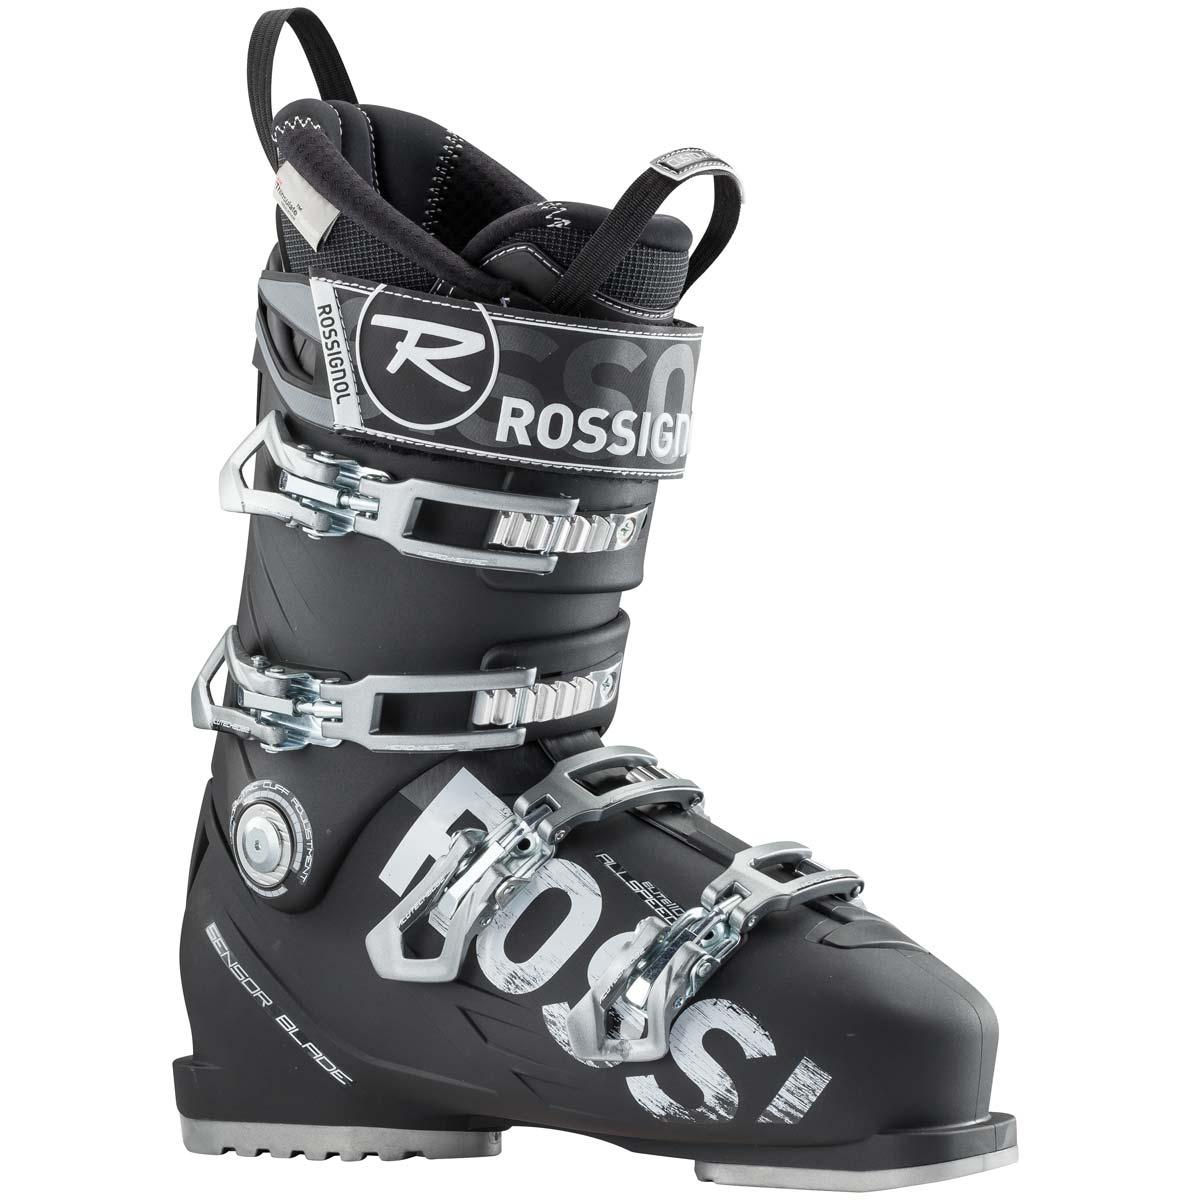 Rossignol Allspeed Elite 110 Ski Boots On Sale Powder7